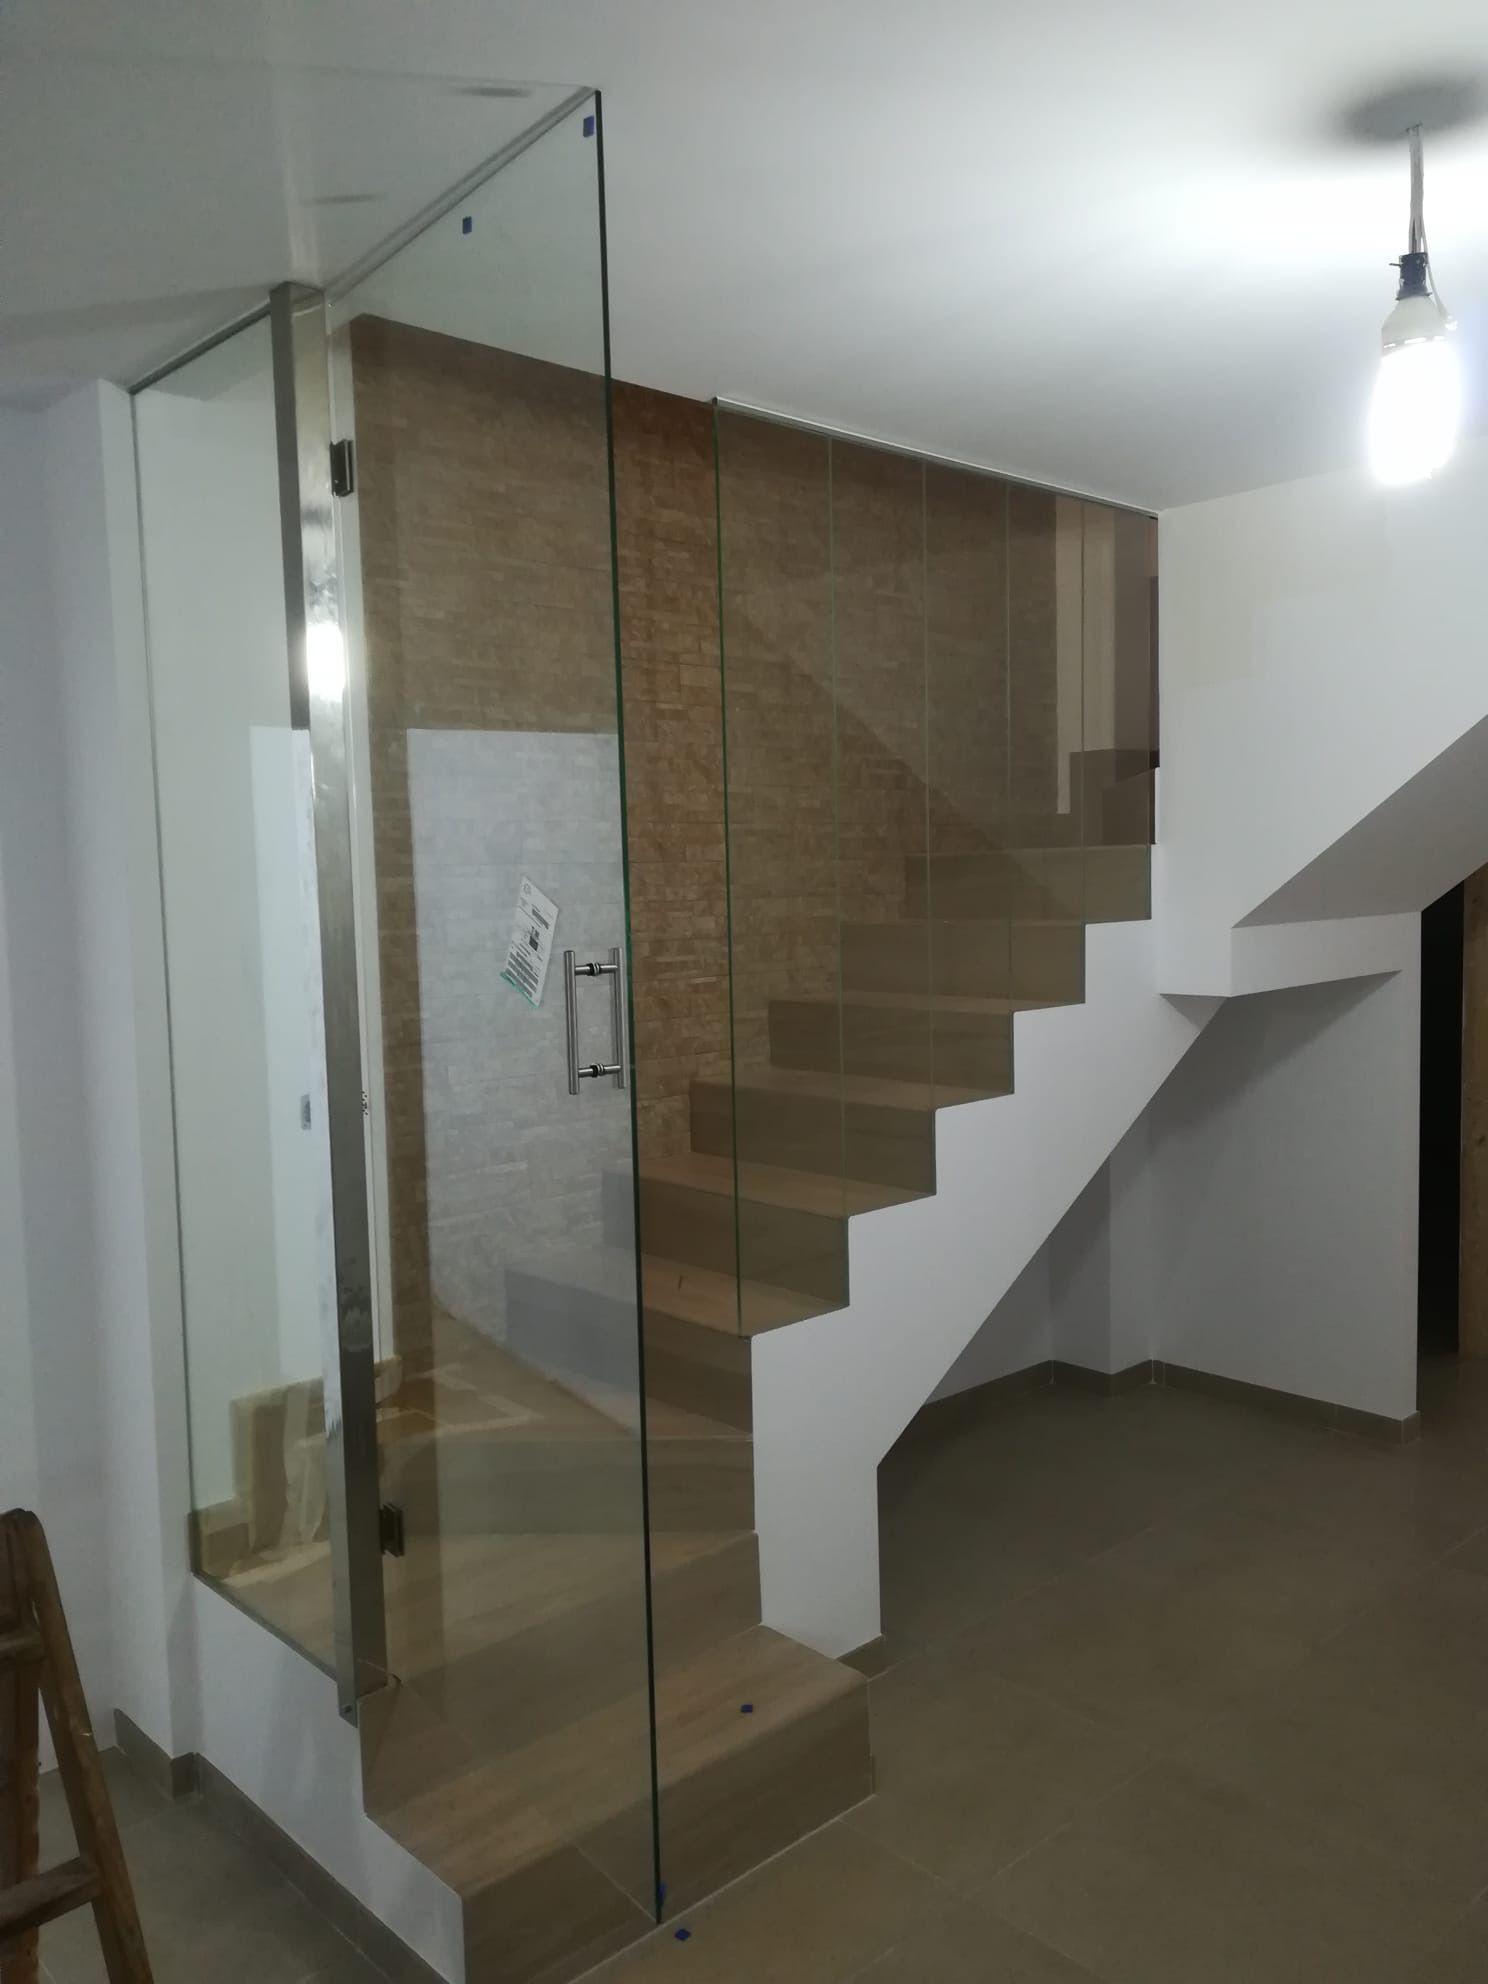 Instalacion Acristalamiento Hueco Escalera Y Puerta Cristal Abatible Escalera Instalacion Cristales